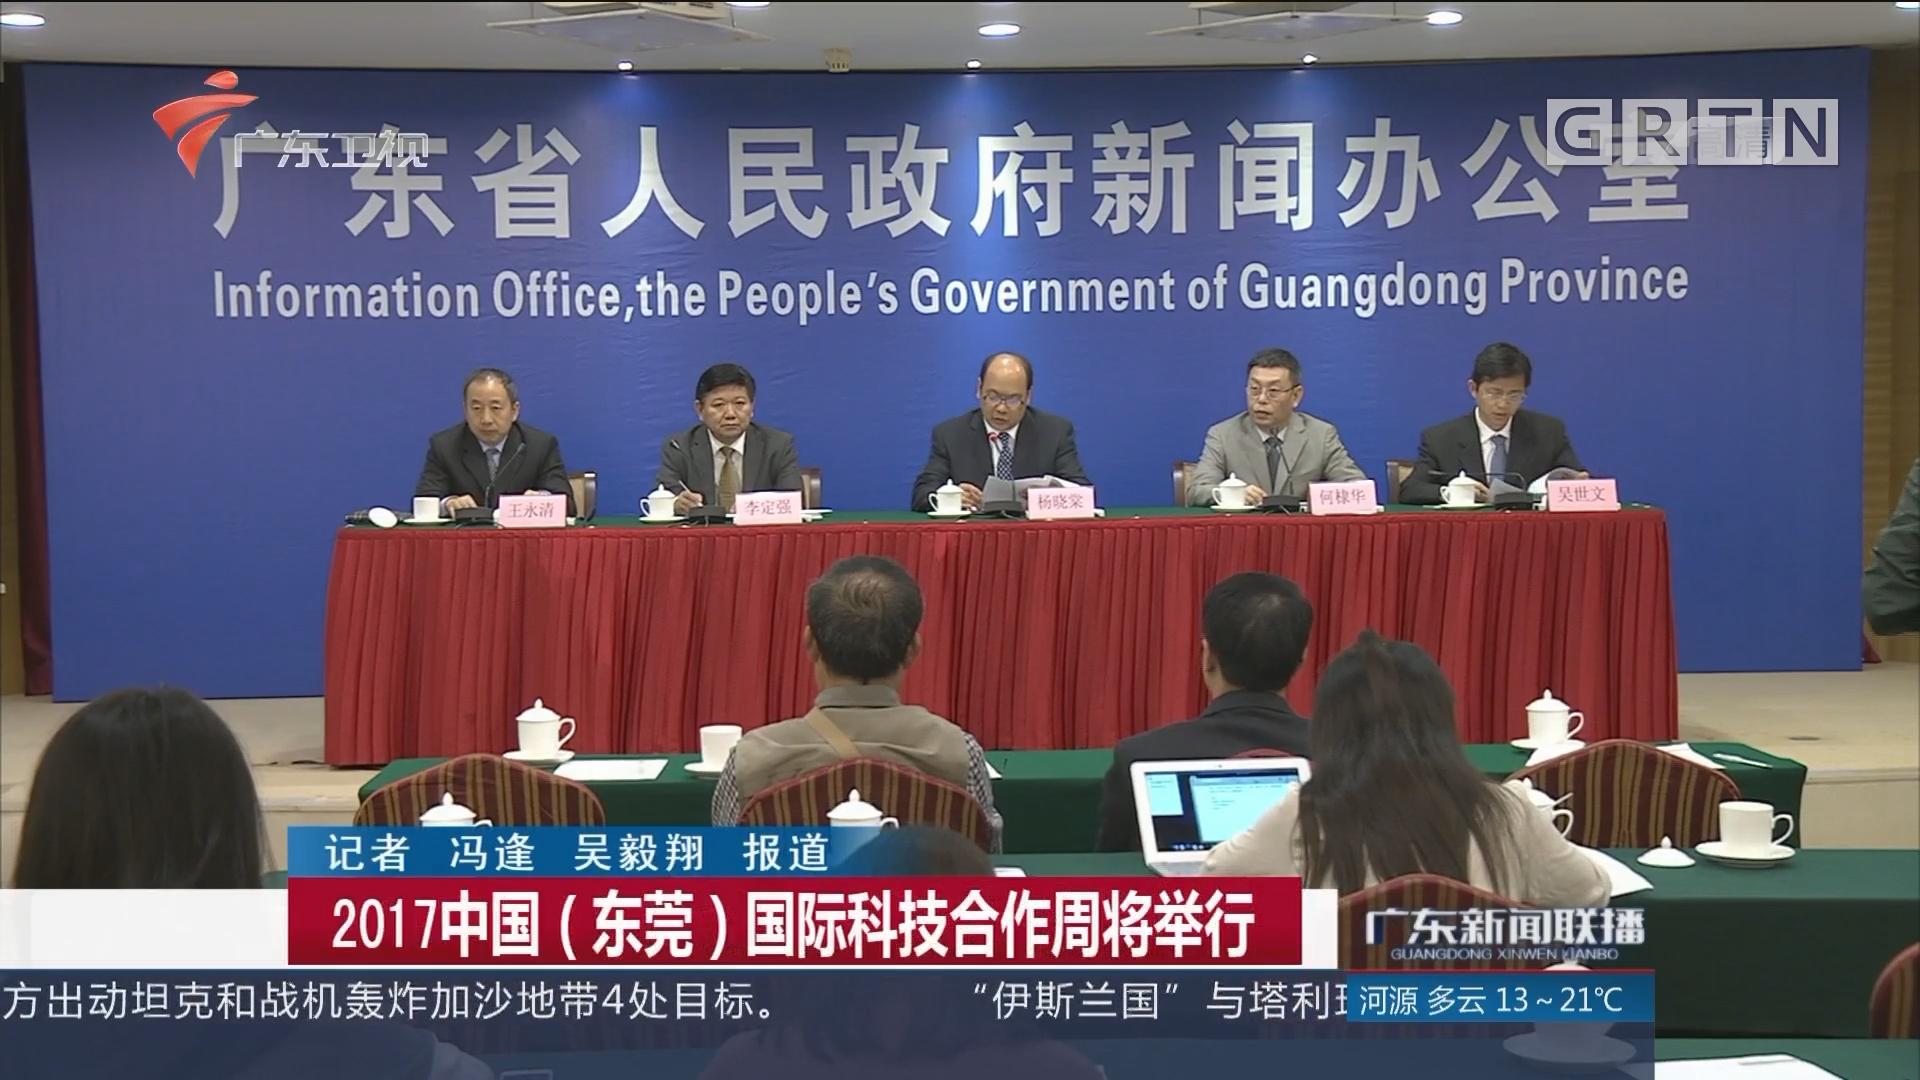 2017中国(东莞)国际科技合作周将举行